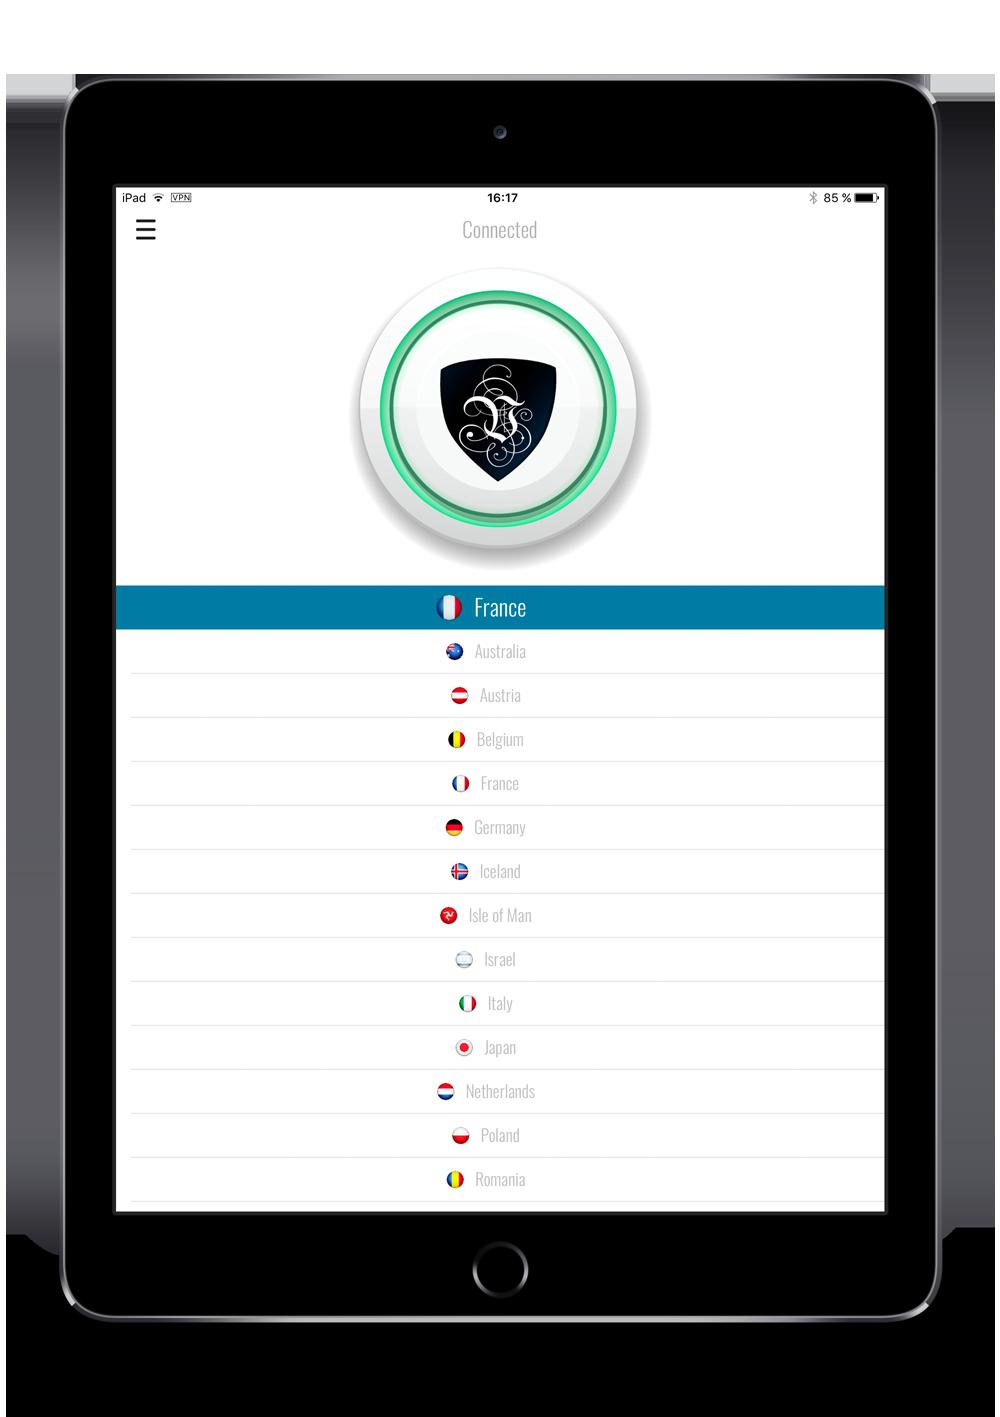 Le VPN iPad   Le VPN pour iPad   application VPN pour iPad   appli VPN pour iPad   application VPN iPad   appli VPN iPad